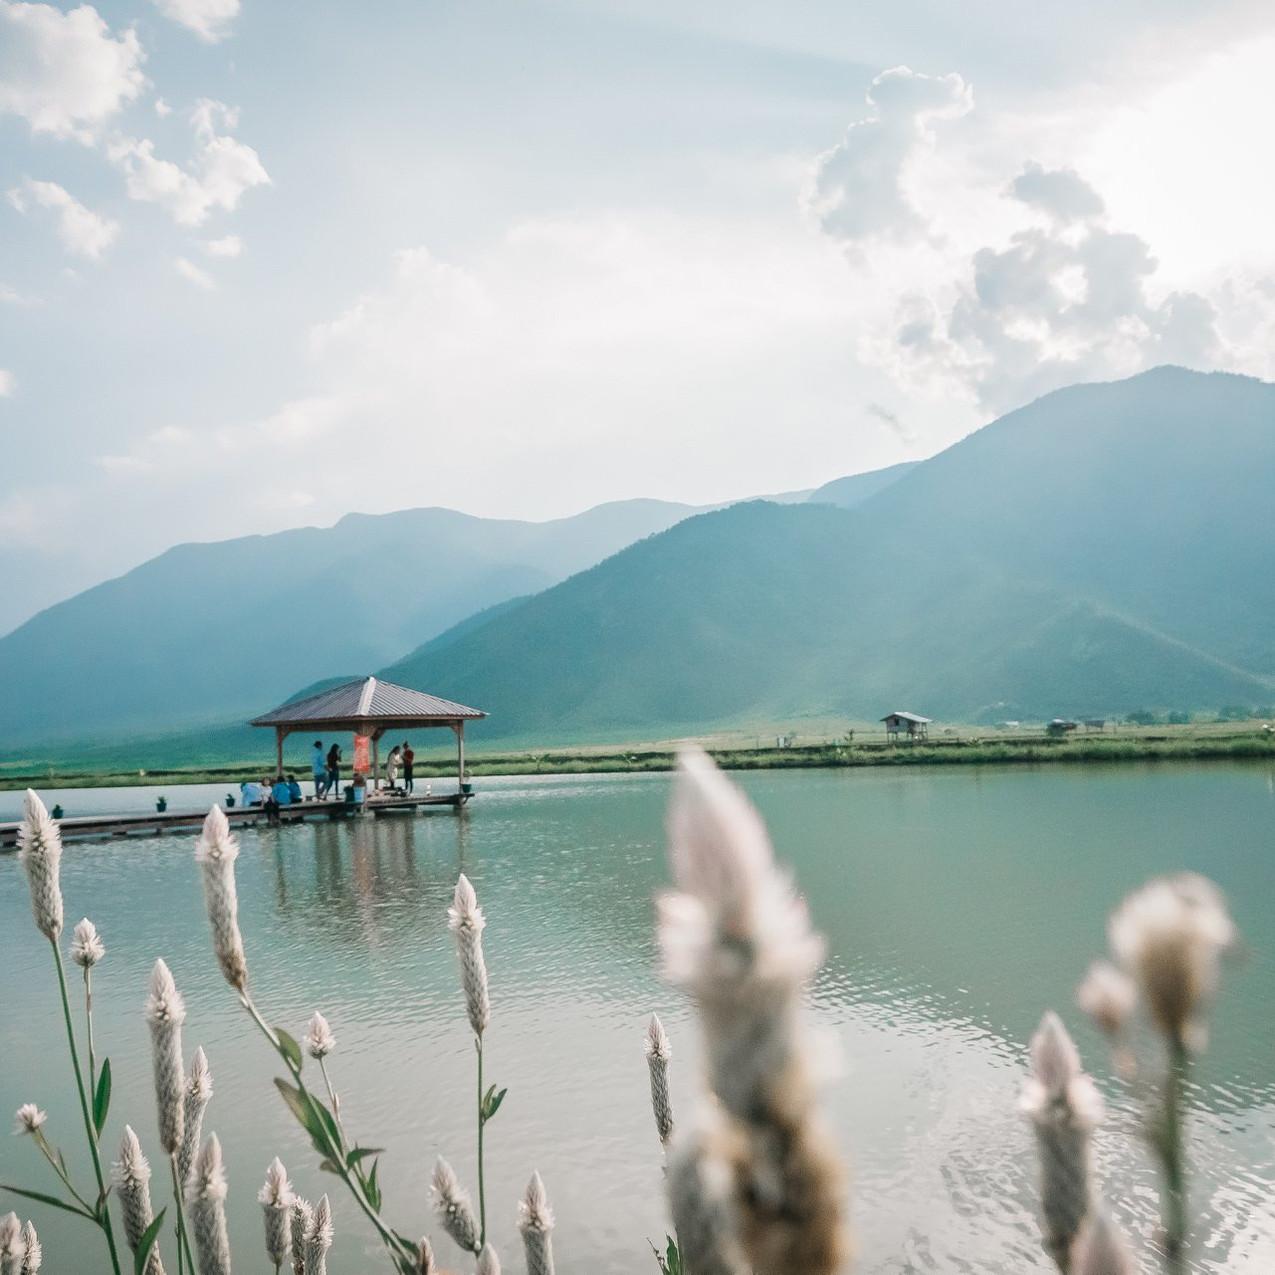 King Solomon Fish Lake